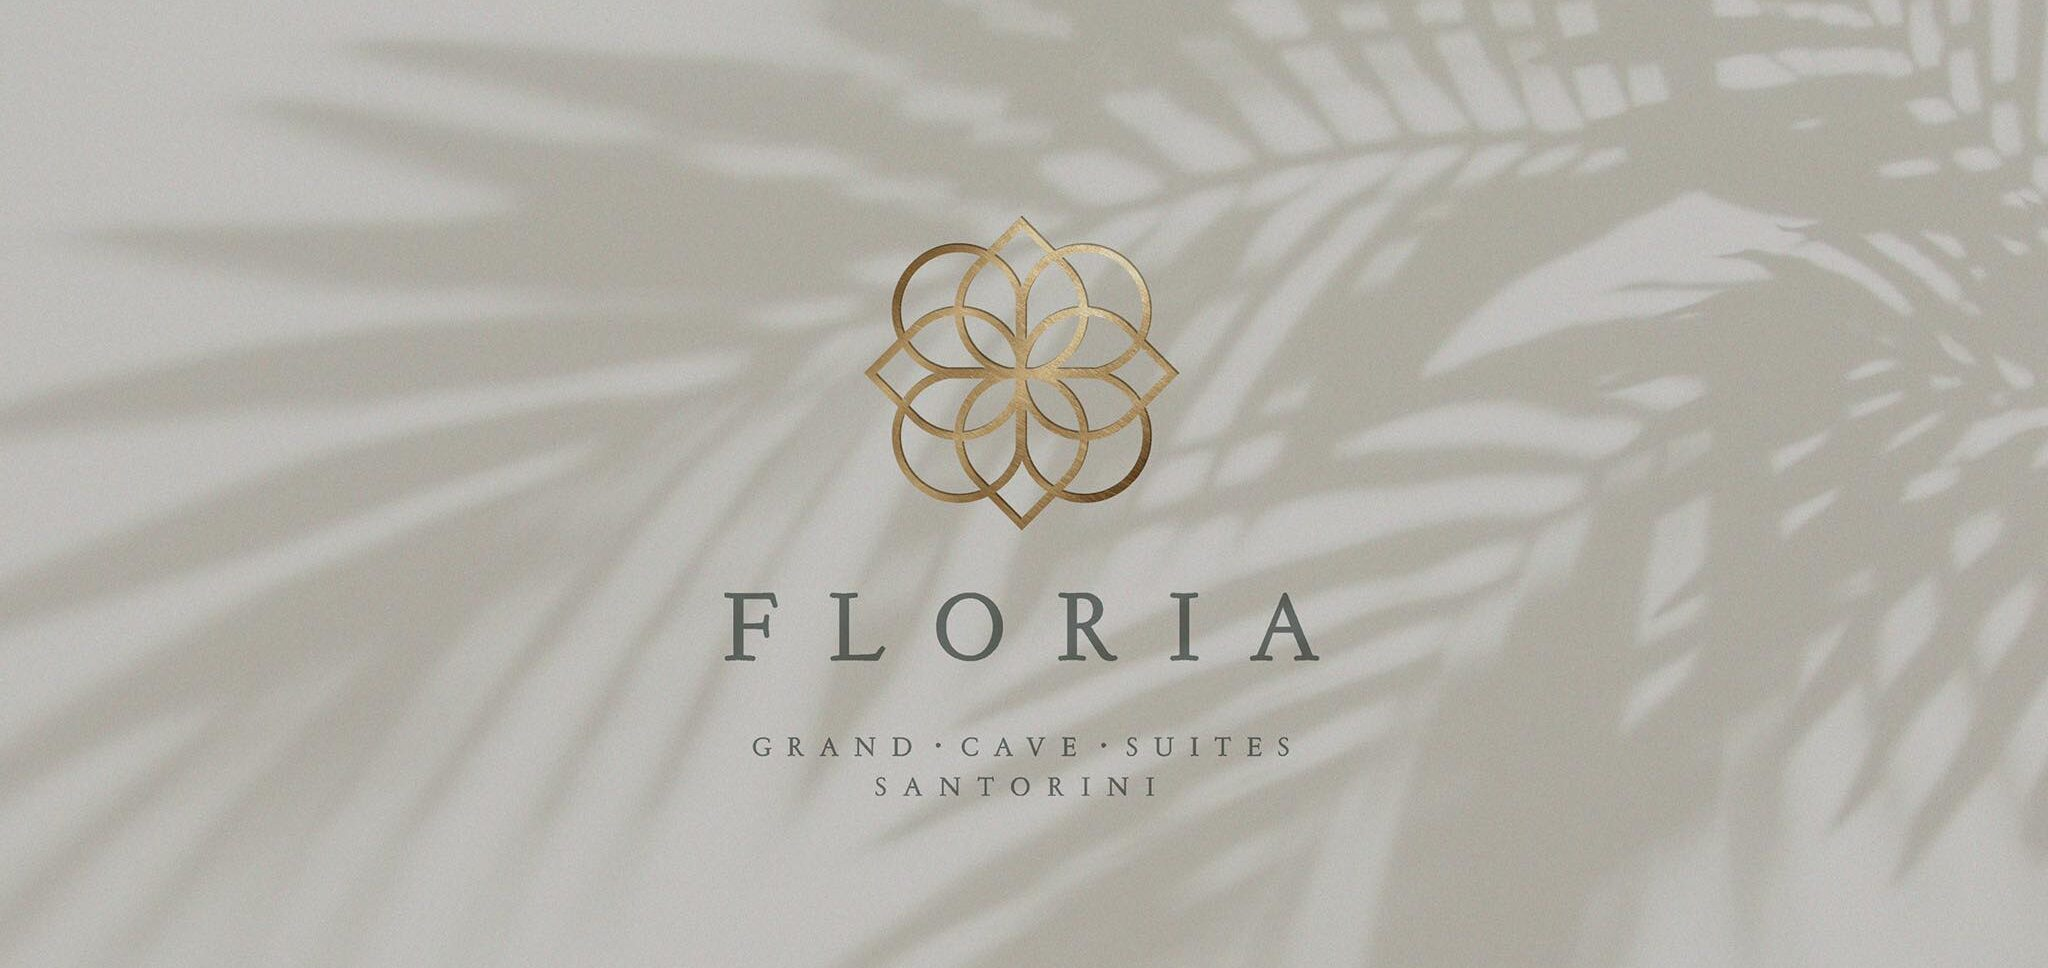 Floria Suites Santorini